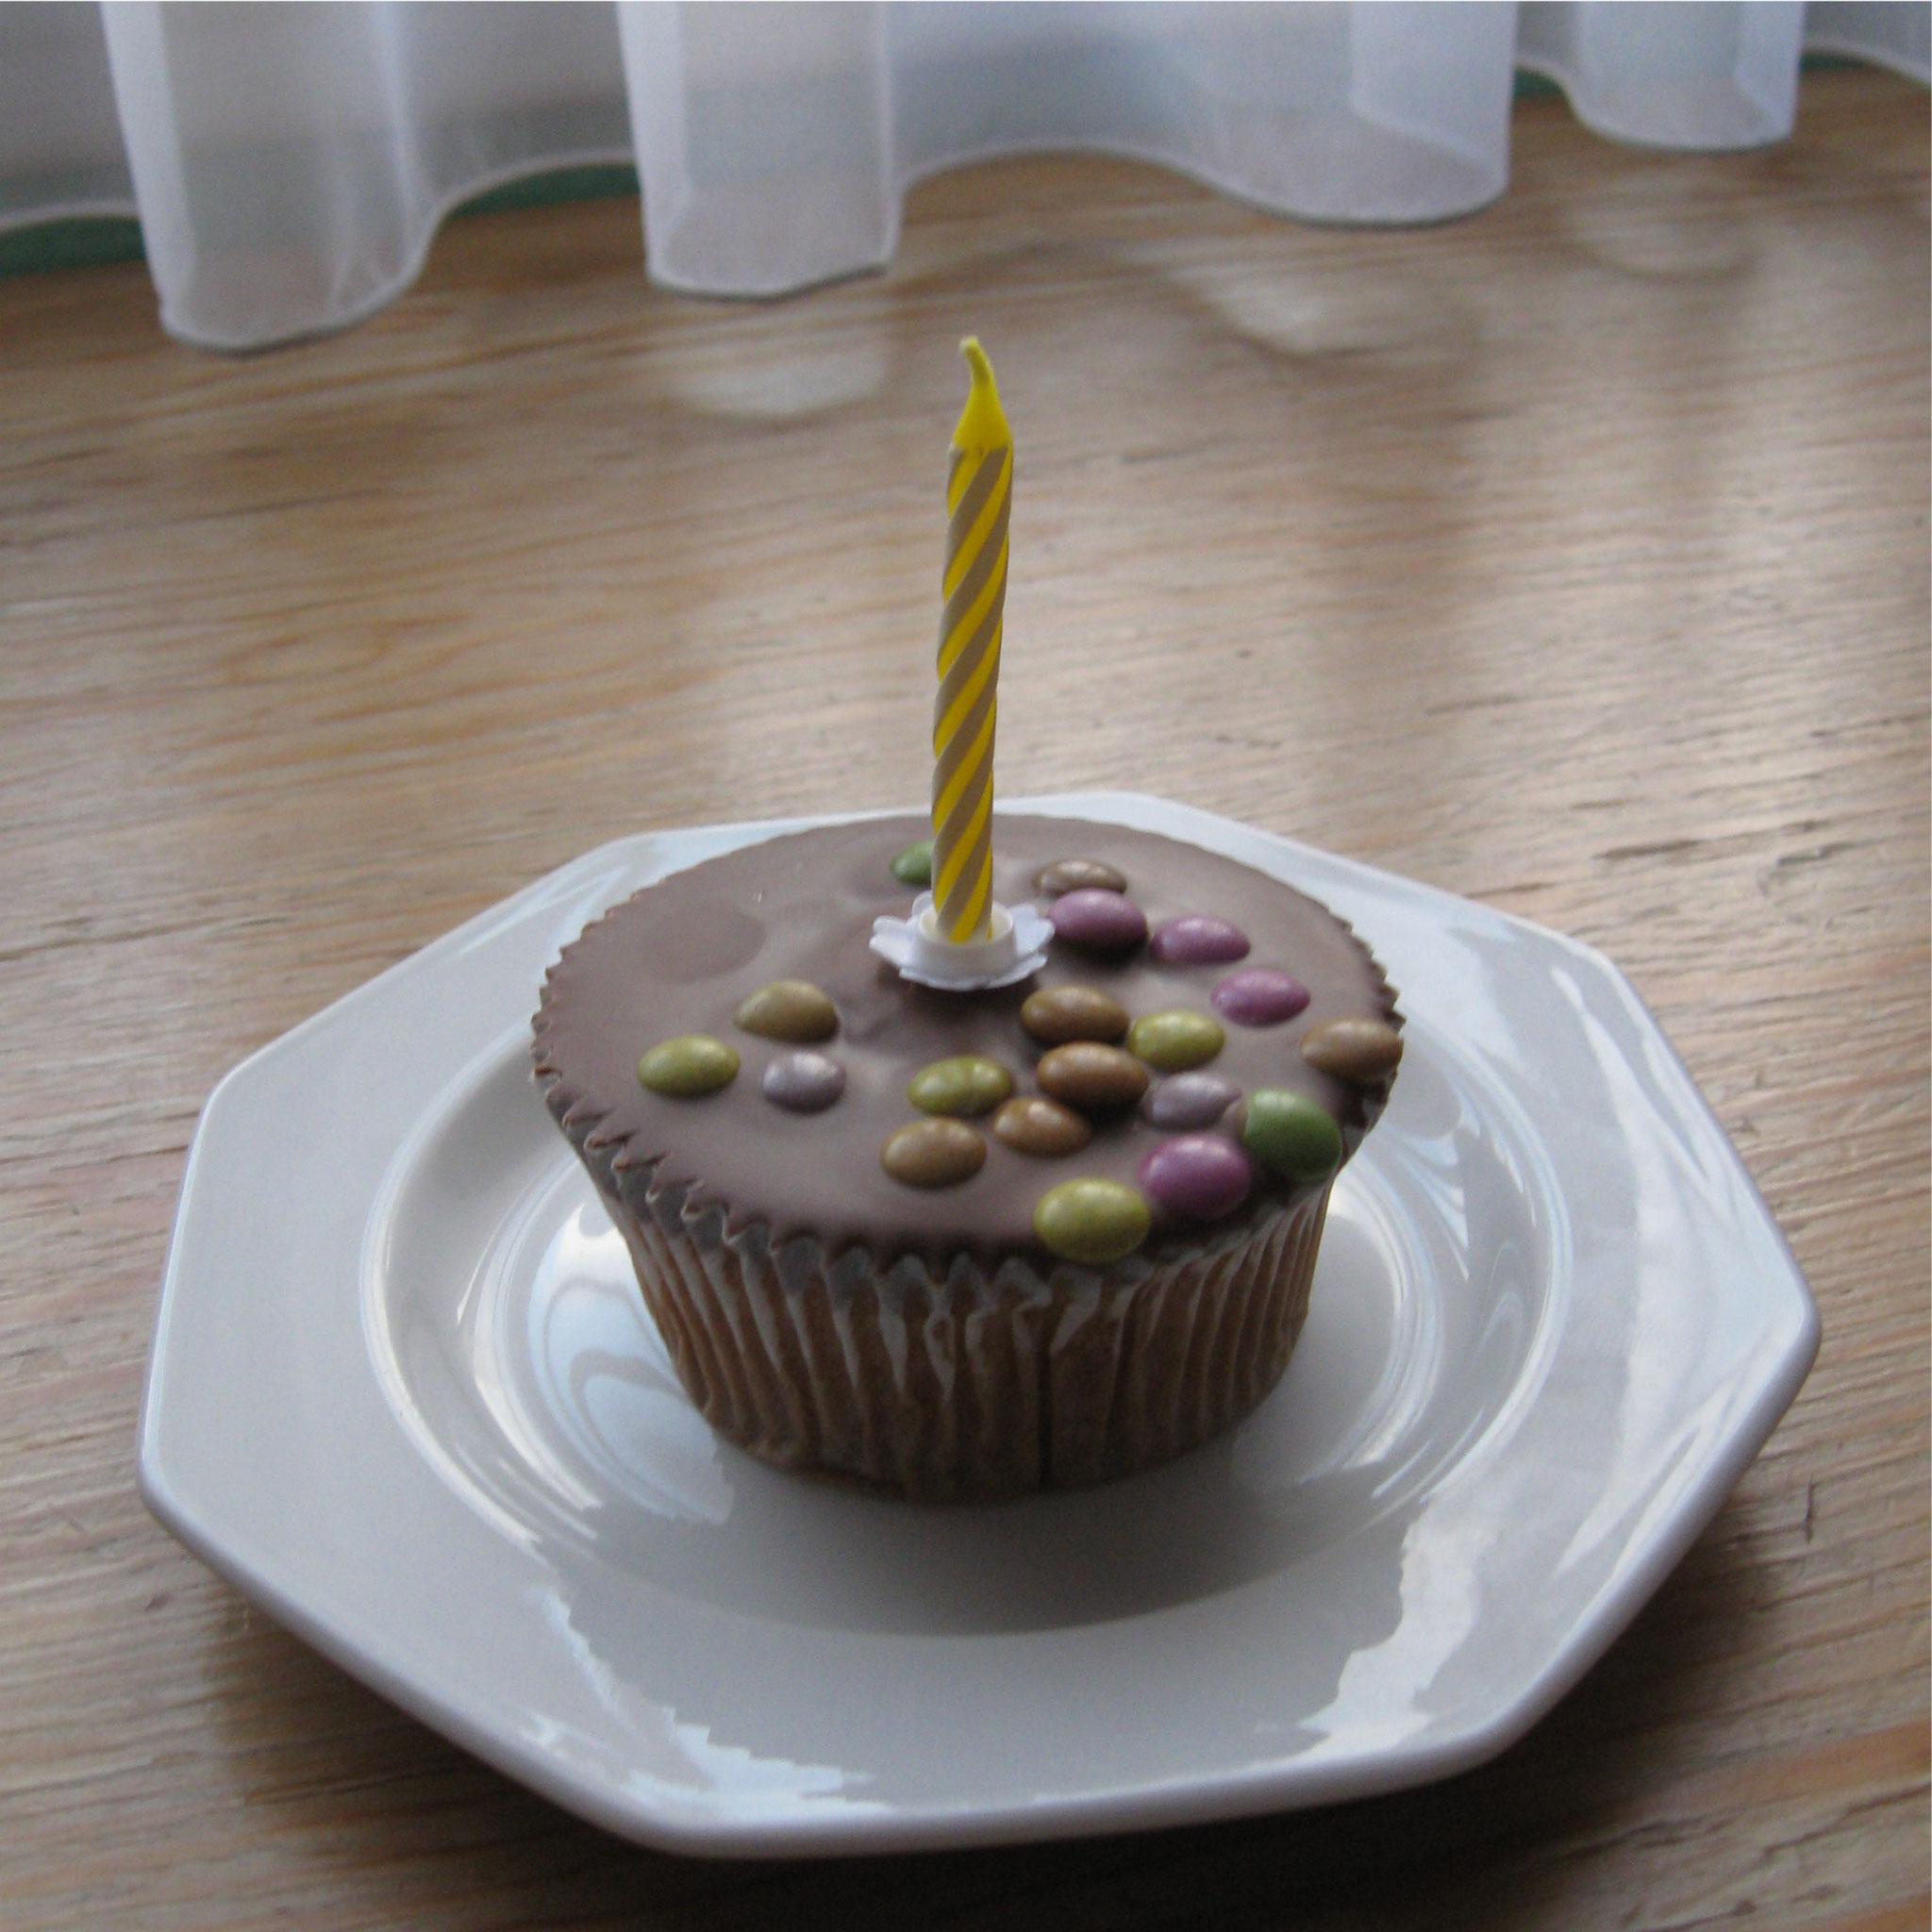 Wolfgangs Geburtstagstorte - klein aber dran gedacht.